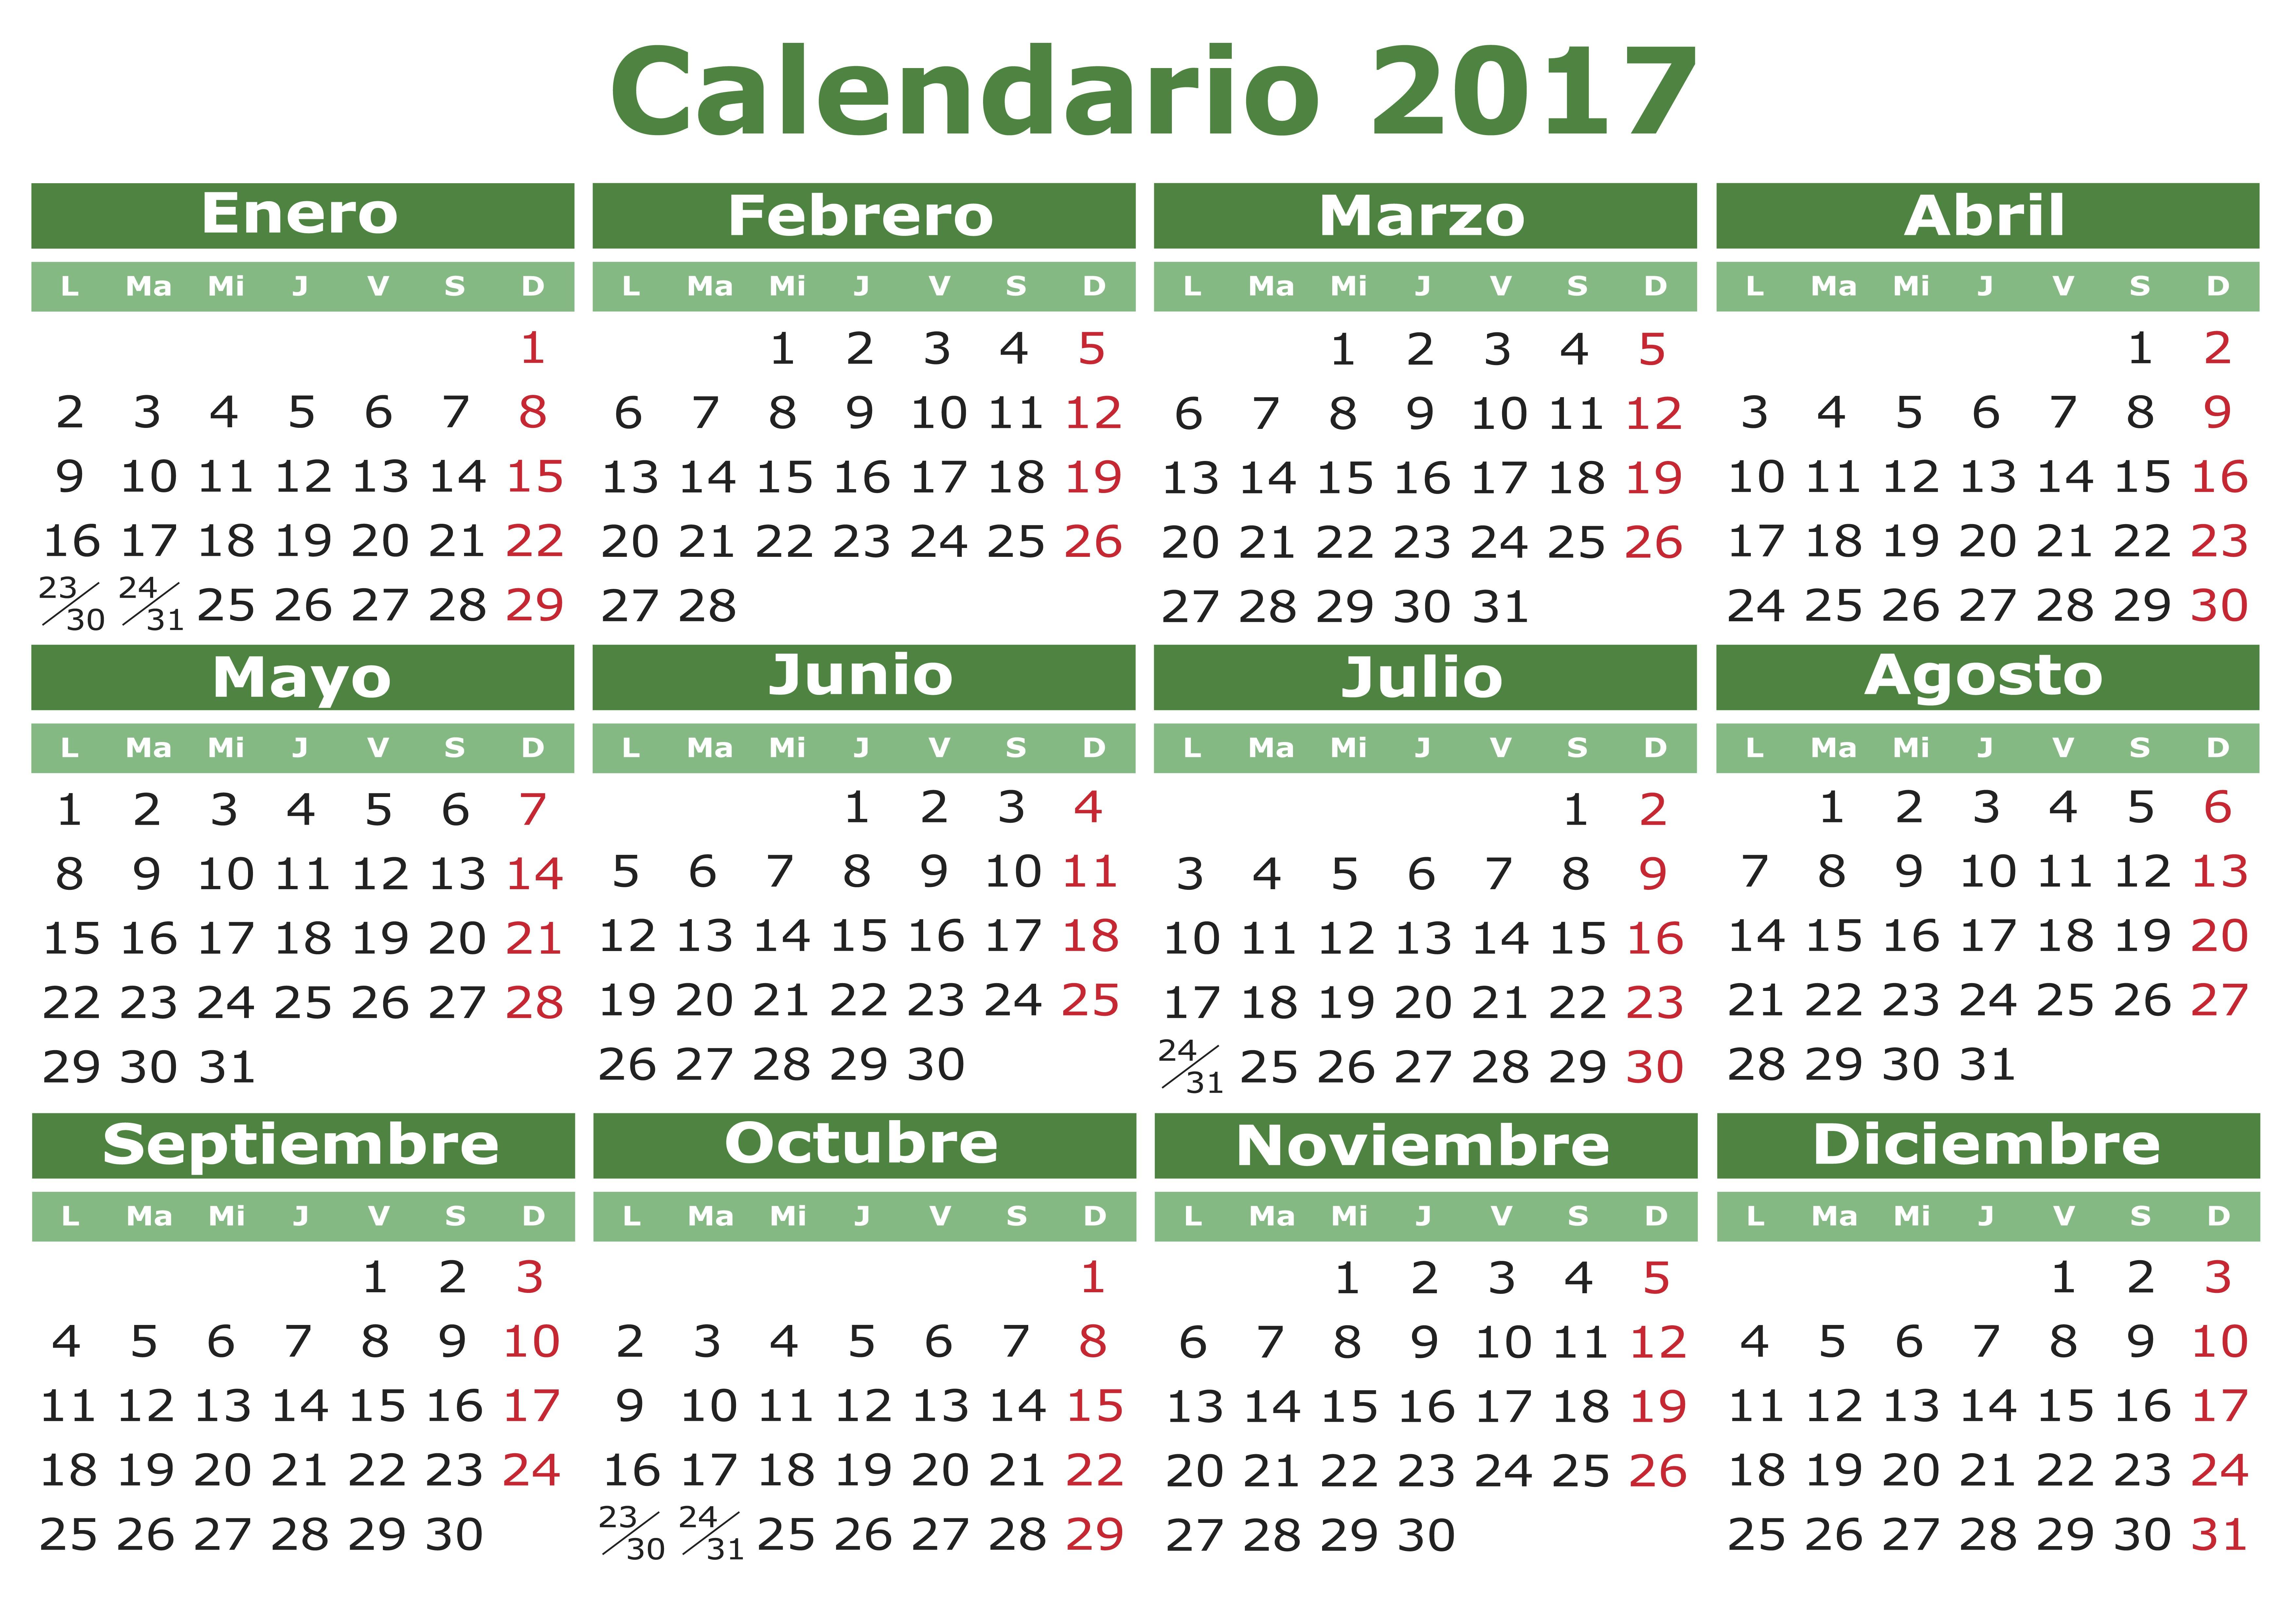 Spanish calendar 2017 orientaci n and jar recursos for Calendario eventos madrid